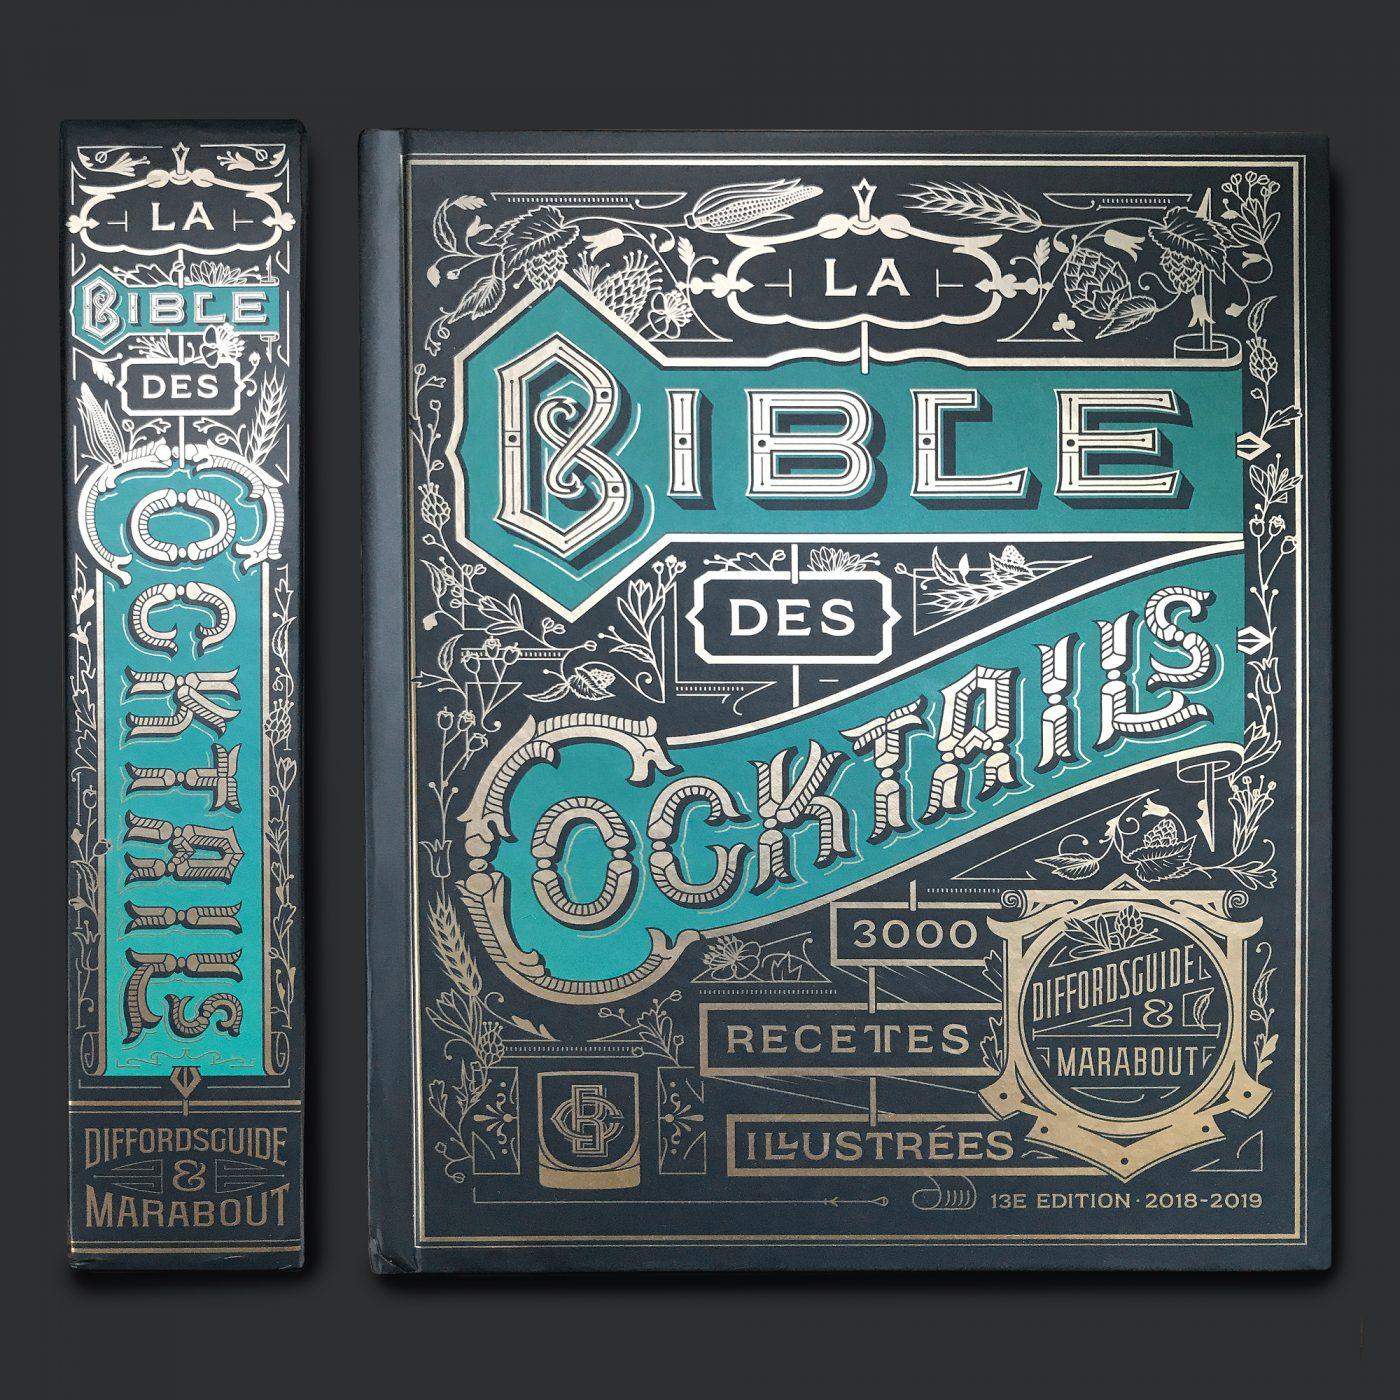 LA BIBLE DES COCKTAILS 2018   Kevin Cantrell Studio